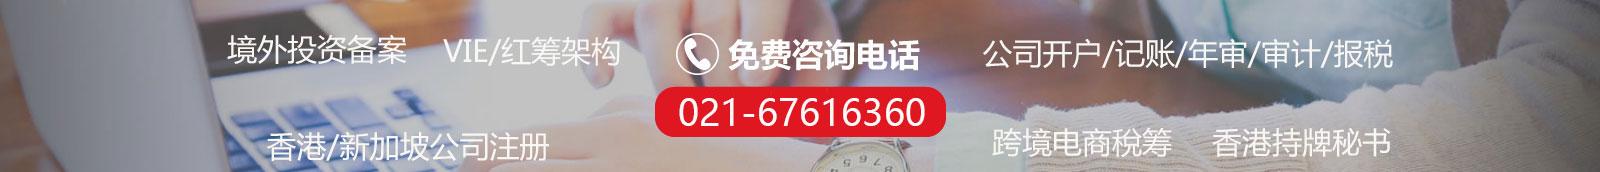 香港公司注册,境外投资备案